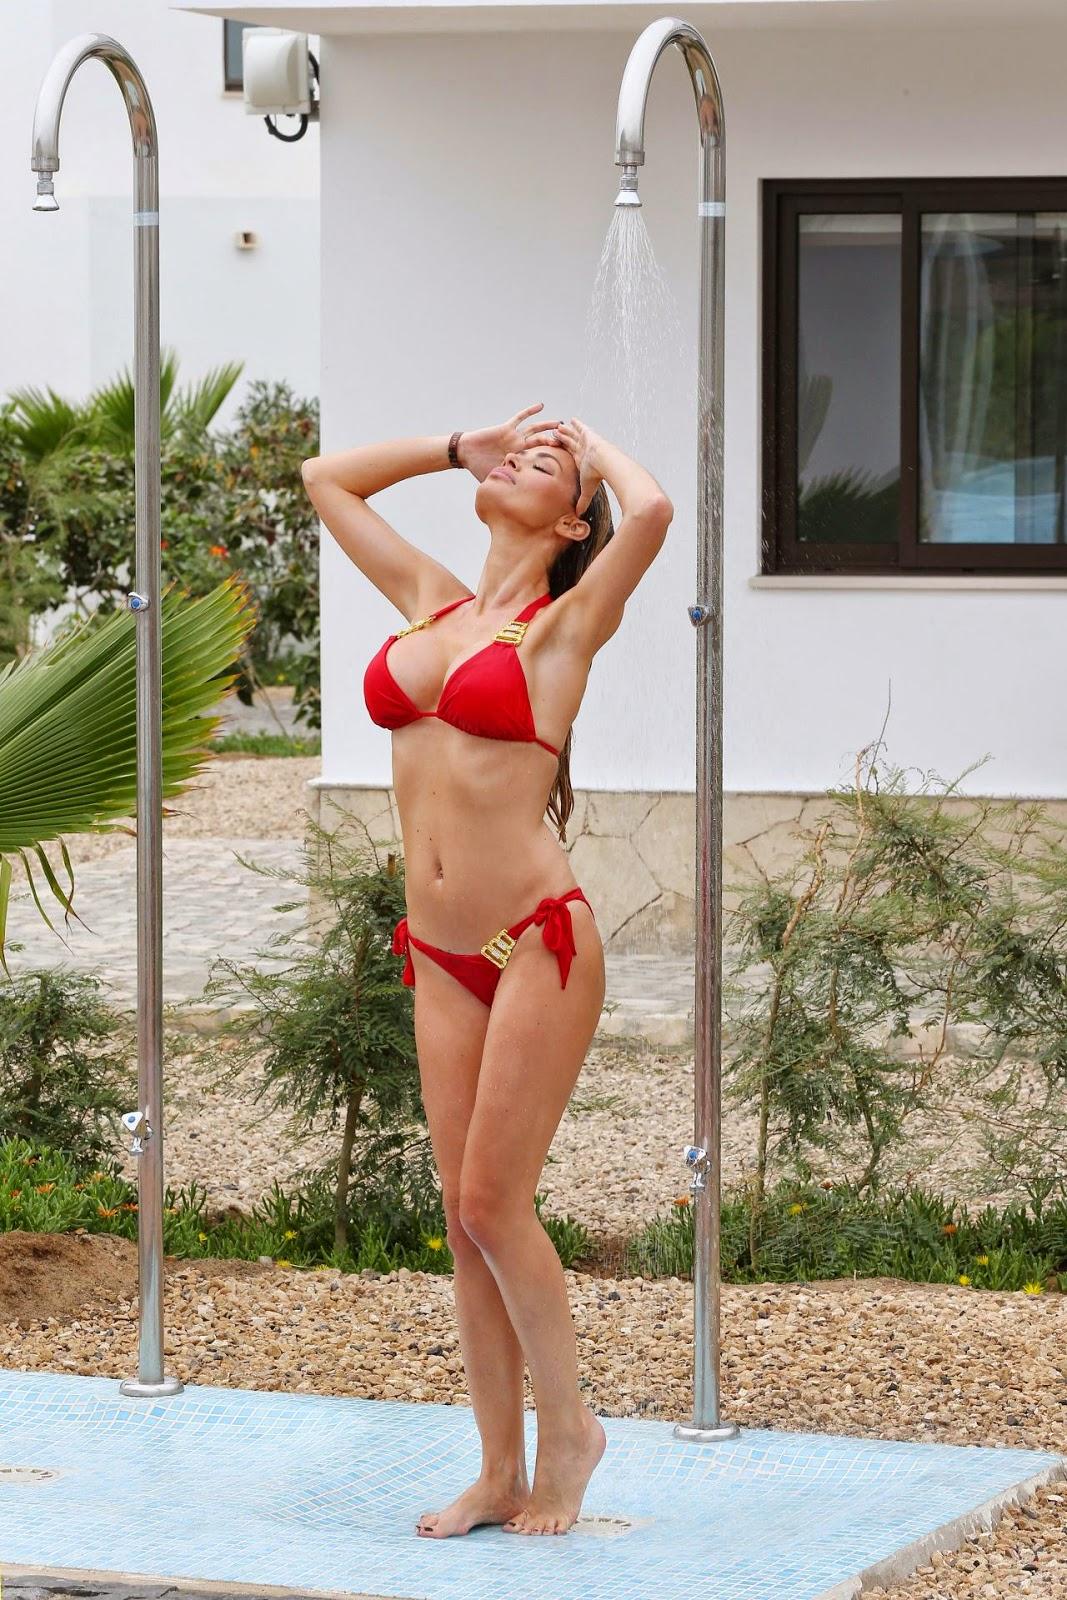 المزيد من الصور بالبكيني الأحمر المثير لـ كلوي سيمز